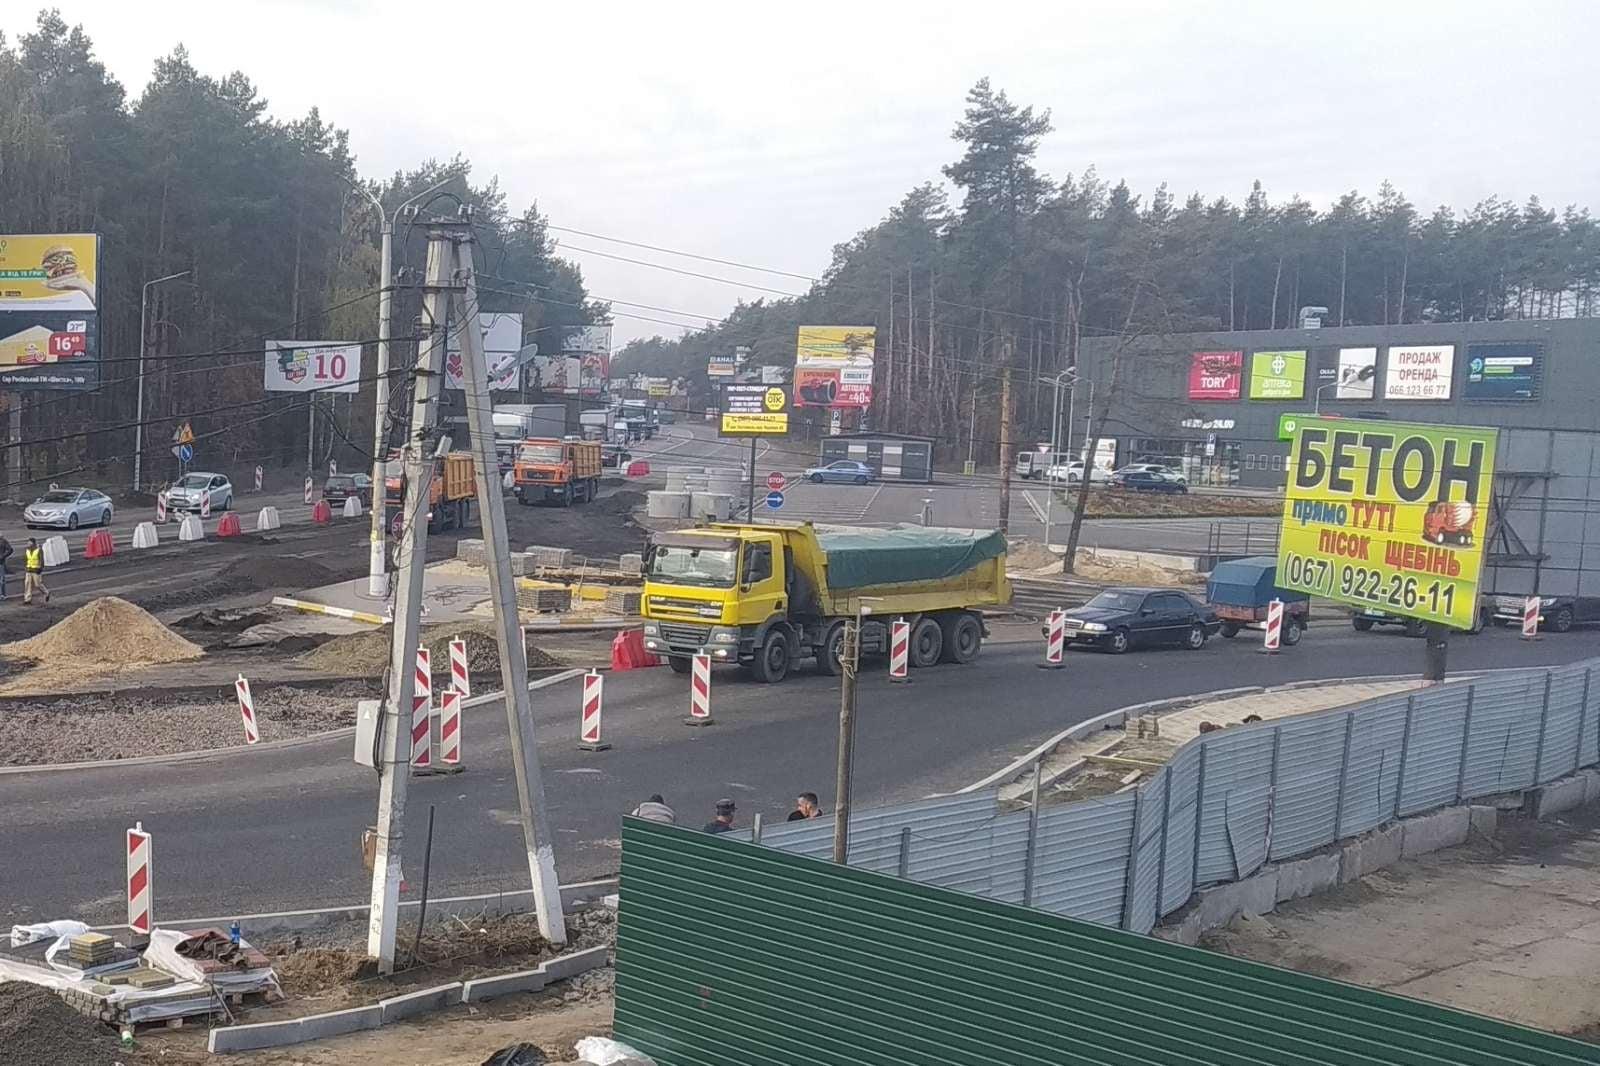 Шість установлених опор освітлення украли у Гостомелі - кримінал, крадіжка майна, київщина, Ірпінський відділ поліції, Гостомельська ОТГ - Gost ukr opory